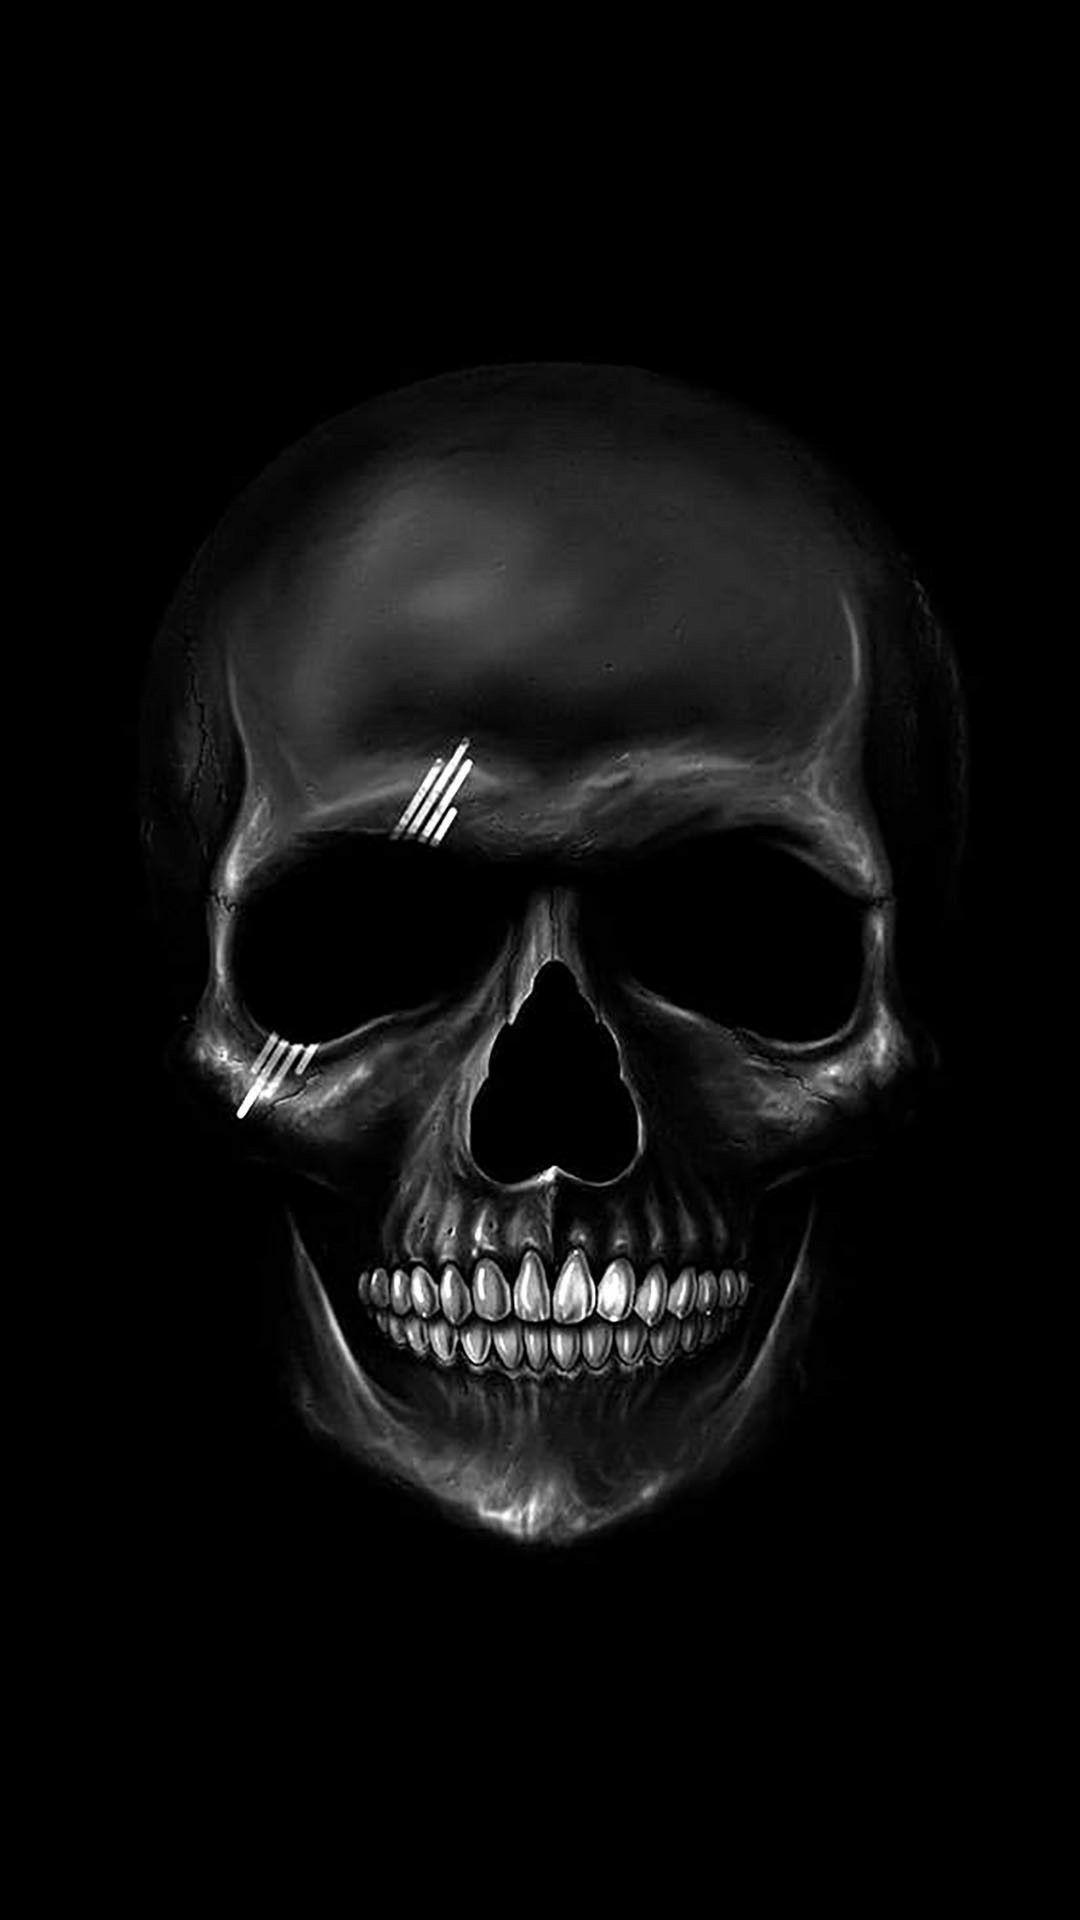 Pin By Karthik Rodda On Fondos Calaberas Black Skulls Wallpaper Black Hd Wallpaper Skull Wallpaper